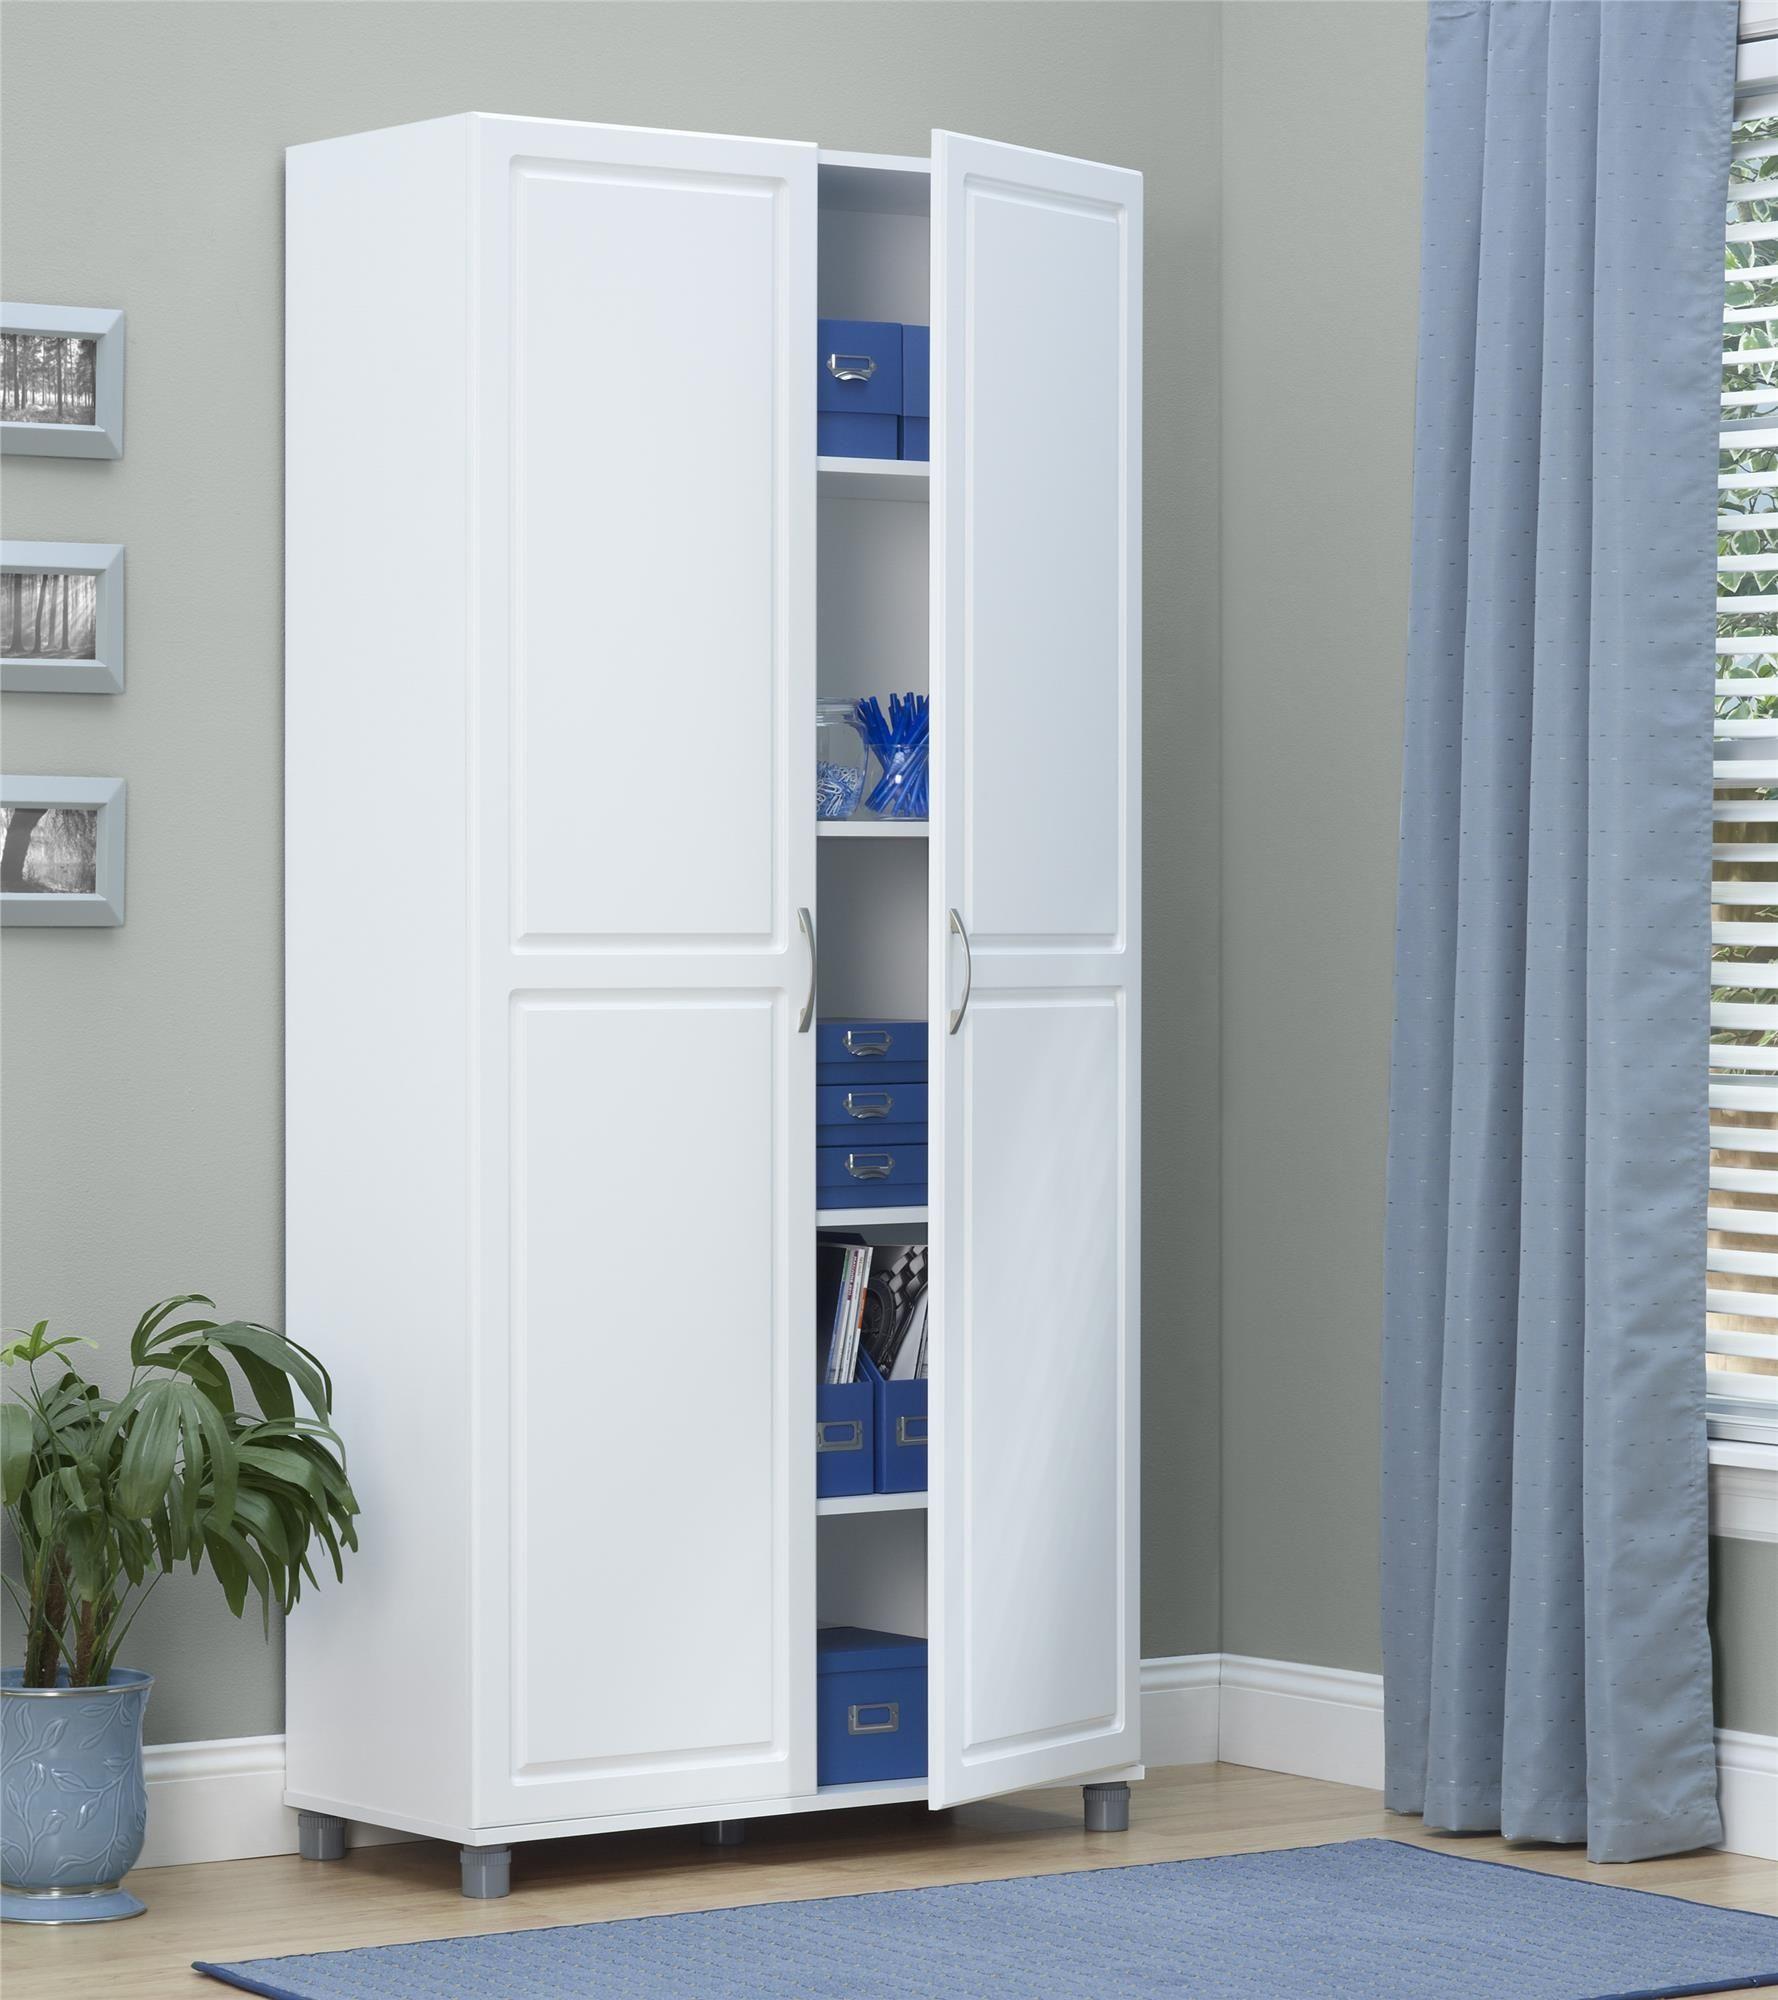 Utility Storage Cabinet White & Utility Storage Cabinet White | http:/ulgamaisweb.com ...